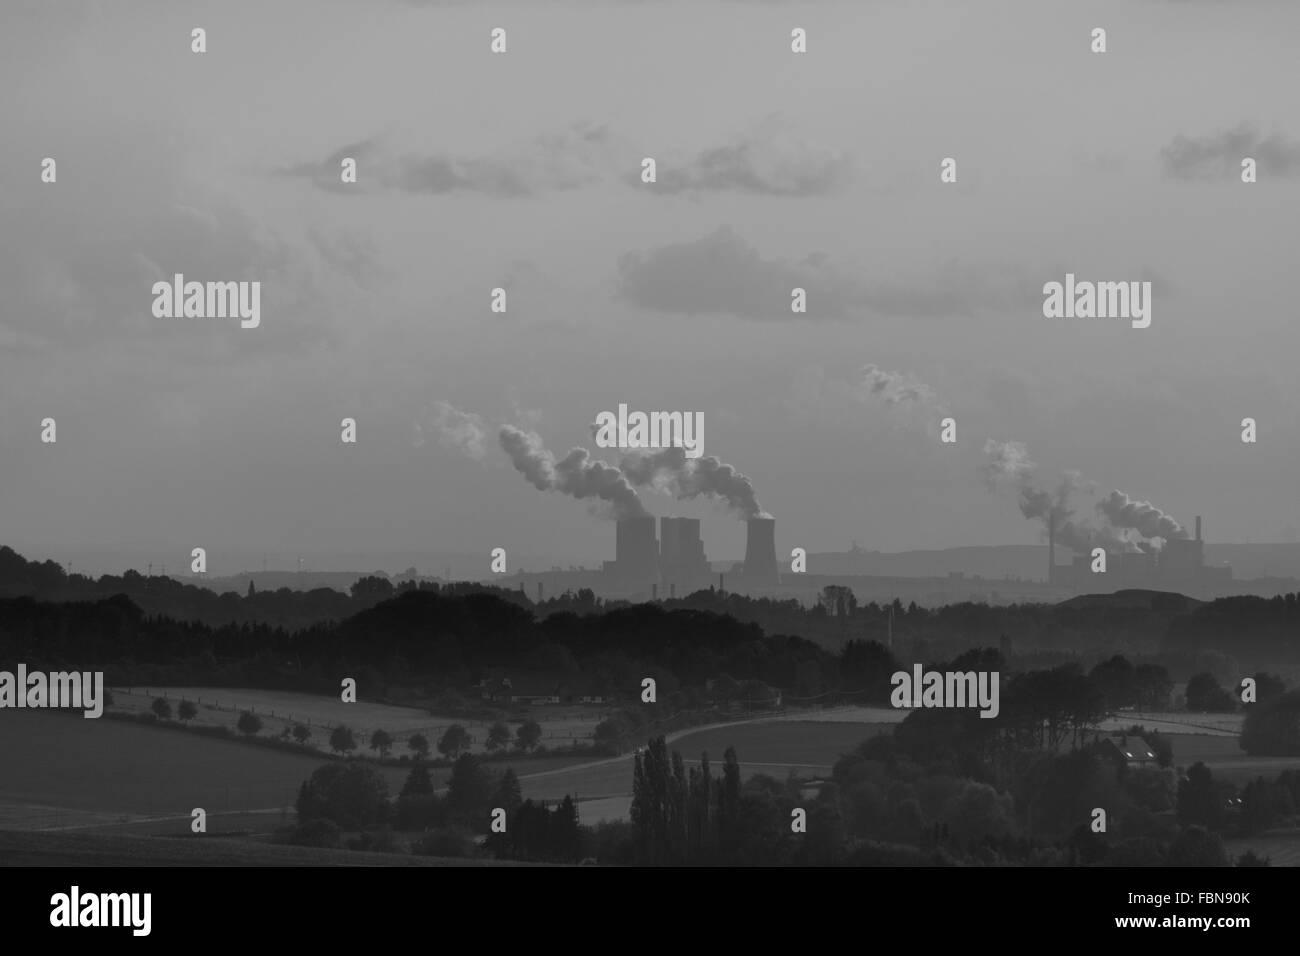 Distancia media vista de fábrica que emite humo contra el cielo Foto de stock